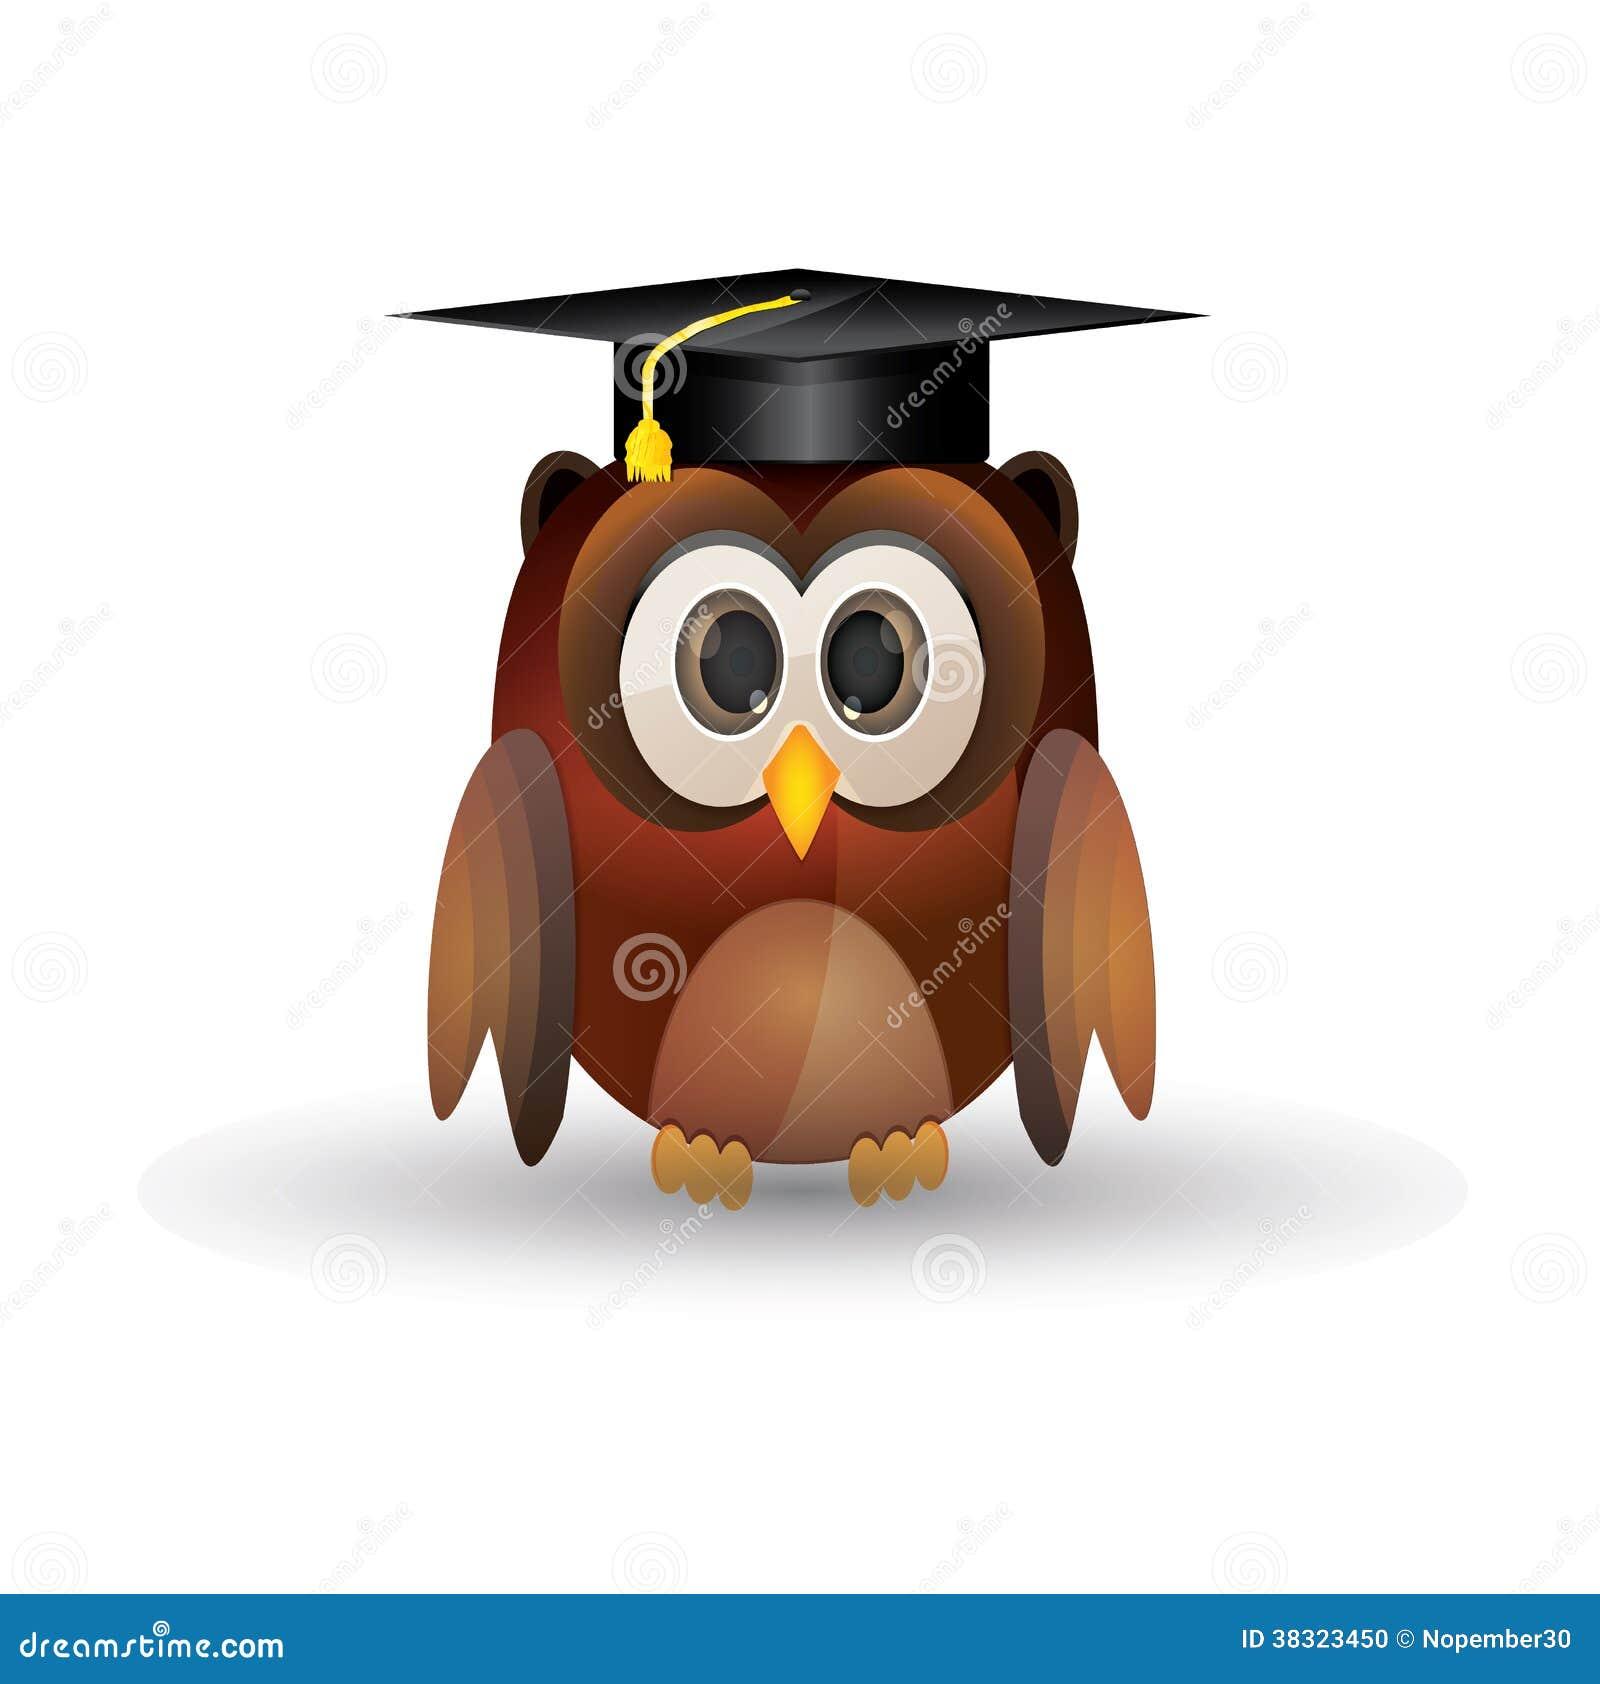 7b24a1bb48b Buho de graduación ilustraciones stock vectores clipart – jpg 1300x1385  Mujer dibujos de buhos graduacion